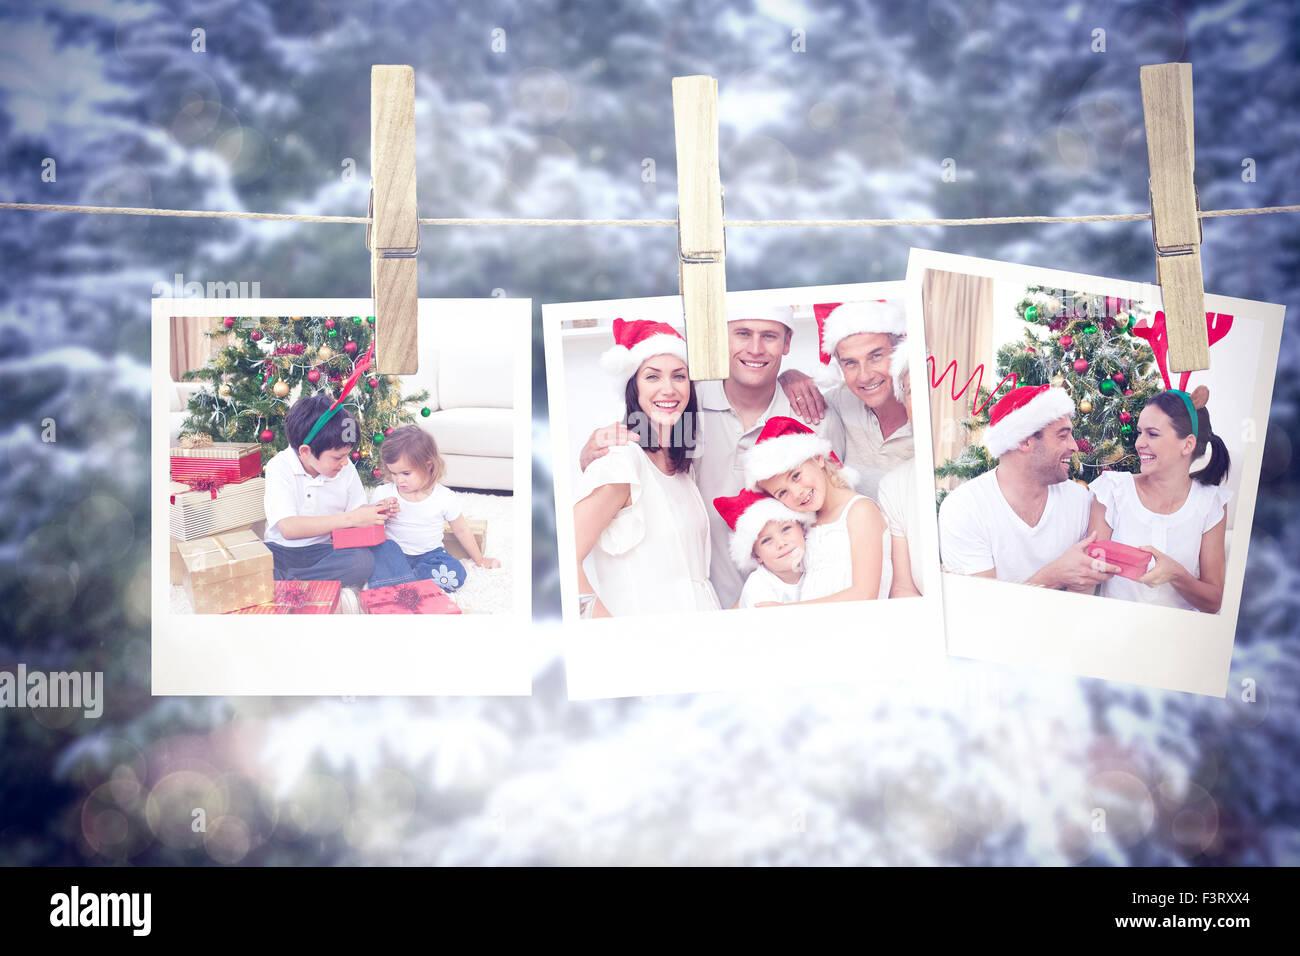 Regali Di Natale Fratello.Immagine Composita Di Felice Fratello E Sorella E Guardando I Regali